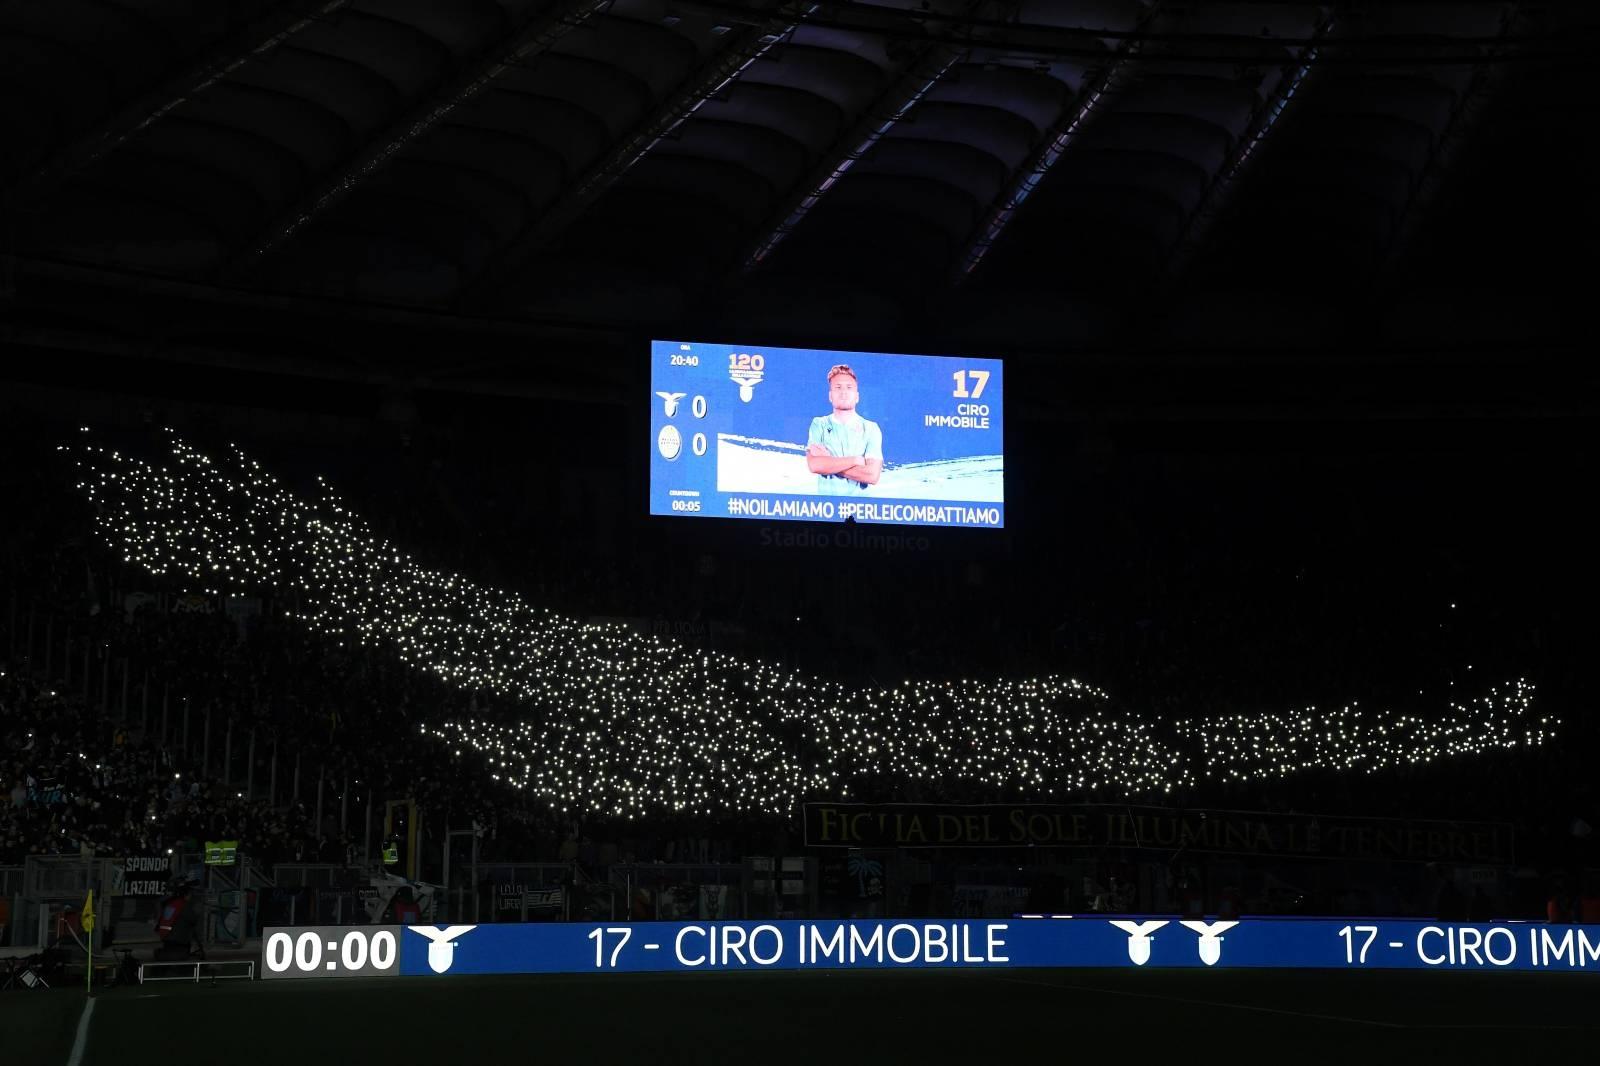 Serie A - Lazio v Hellas Verona